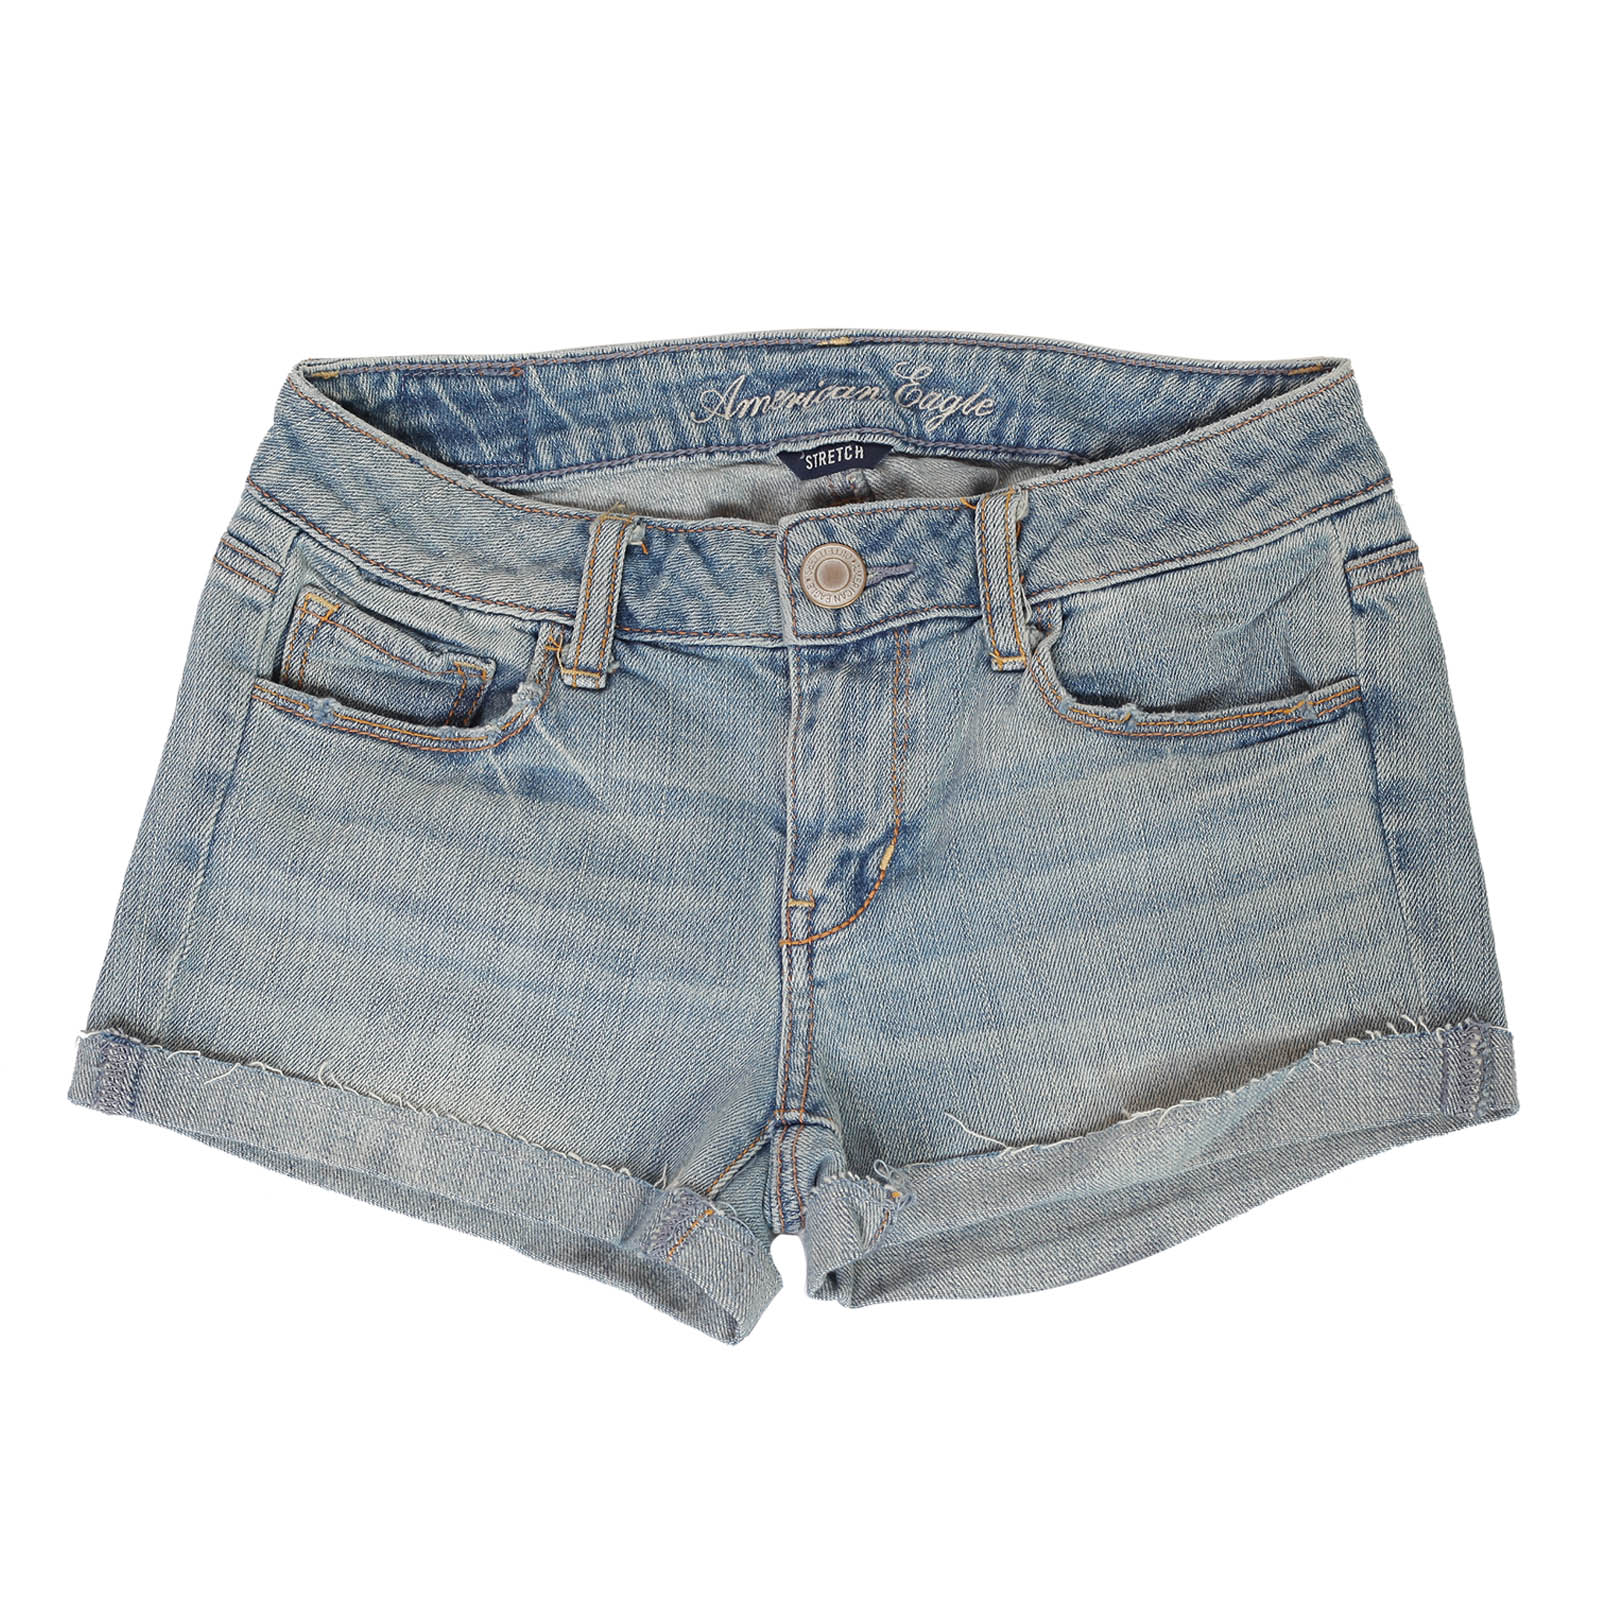 Купить идеально укороченные женские шорты